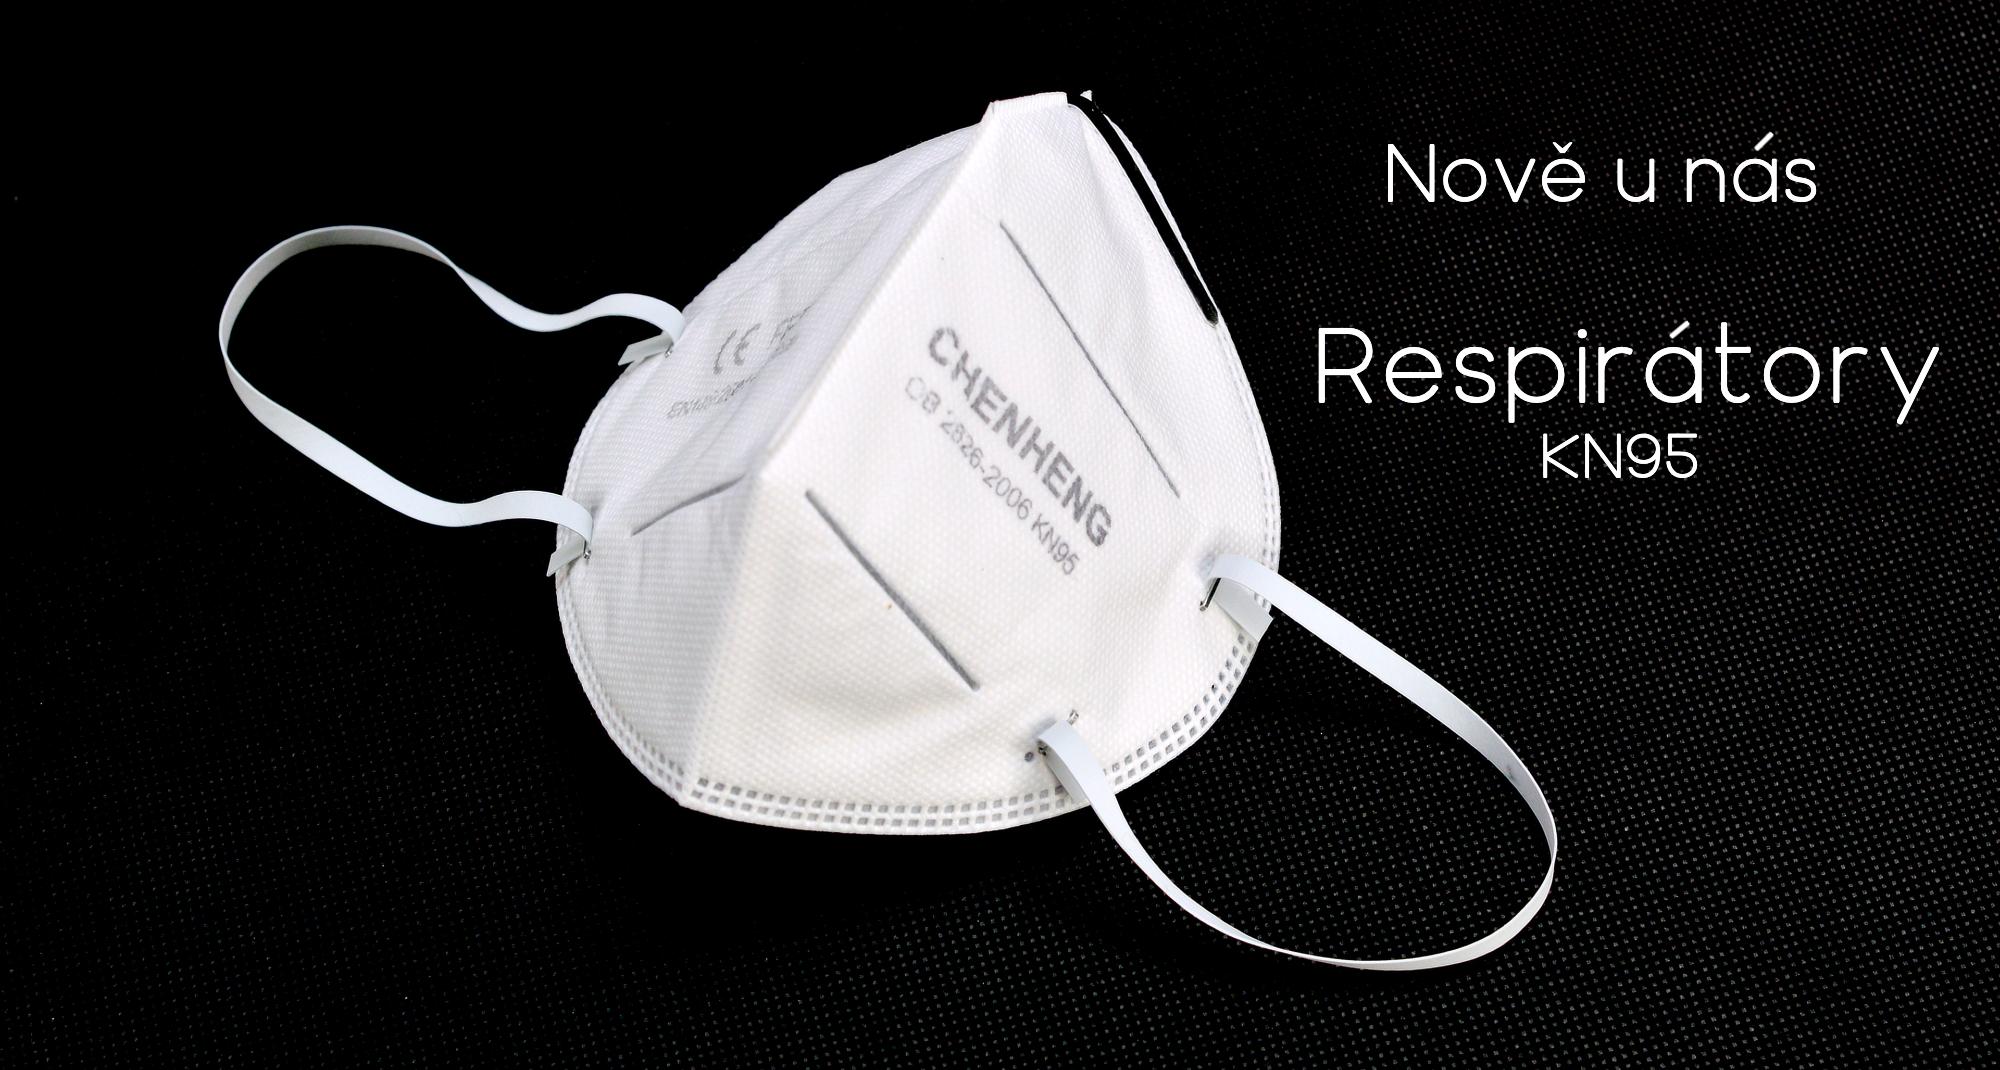 COVID 19 respirator